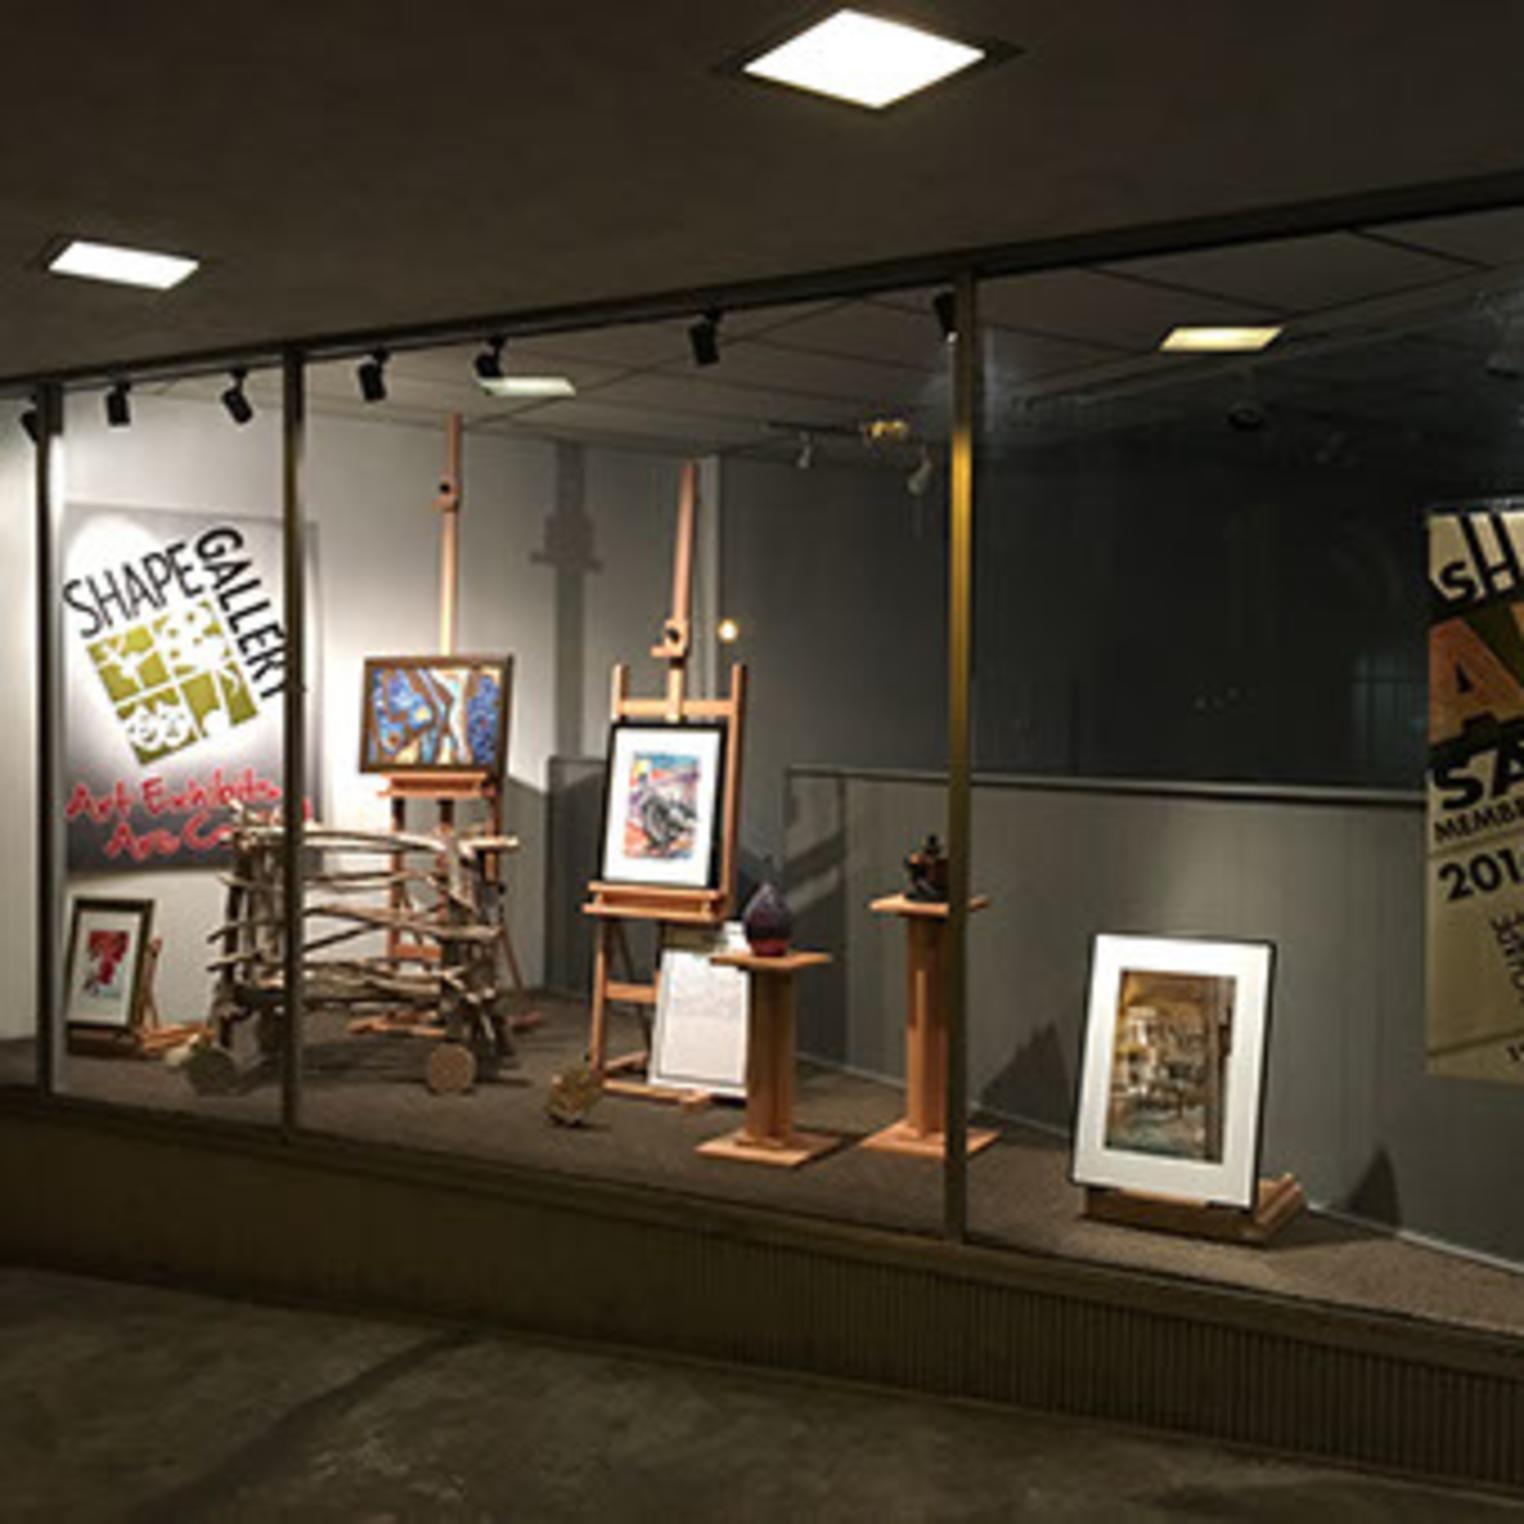 SHAPE Gallery